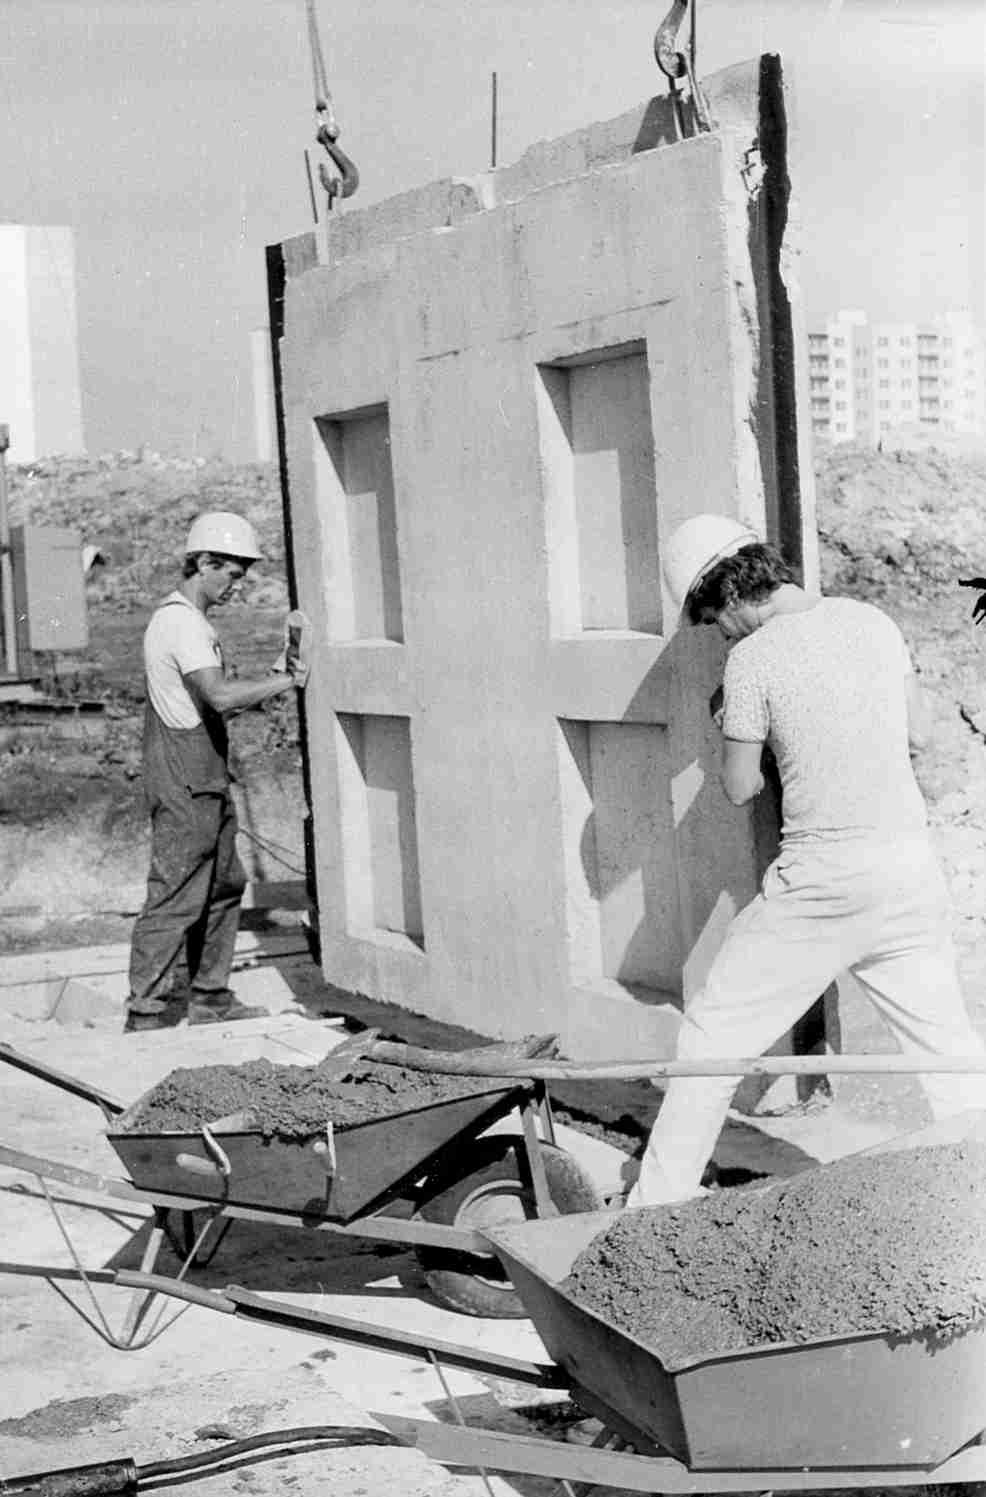 Soziale und kulturelle Errungenschaften in der DDR, Seite 4, Wohnungsbauprogramm als Kernstück